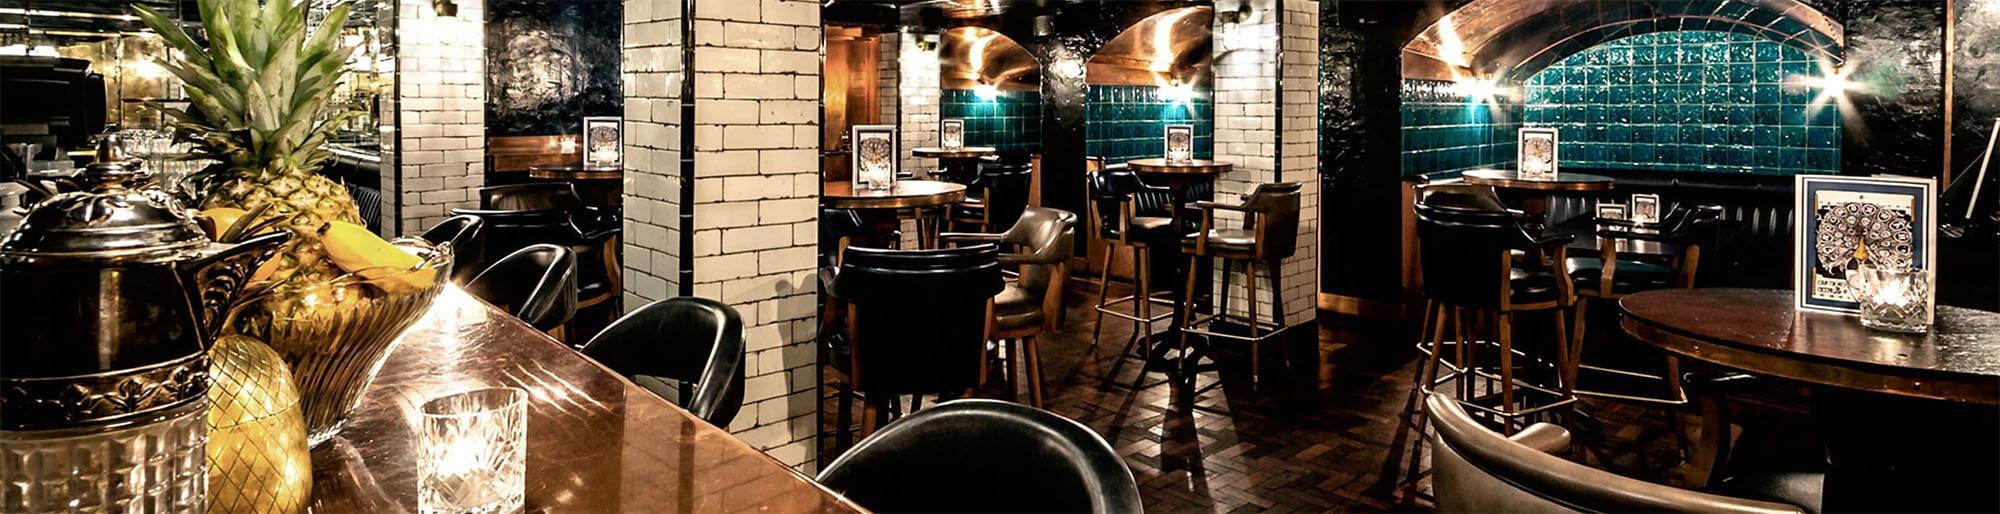 Hawksmoor restaurant